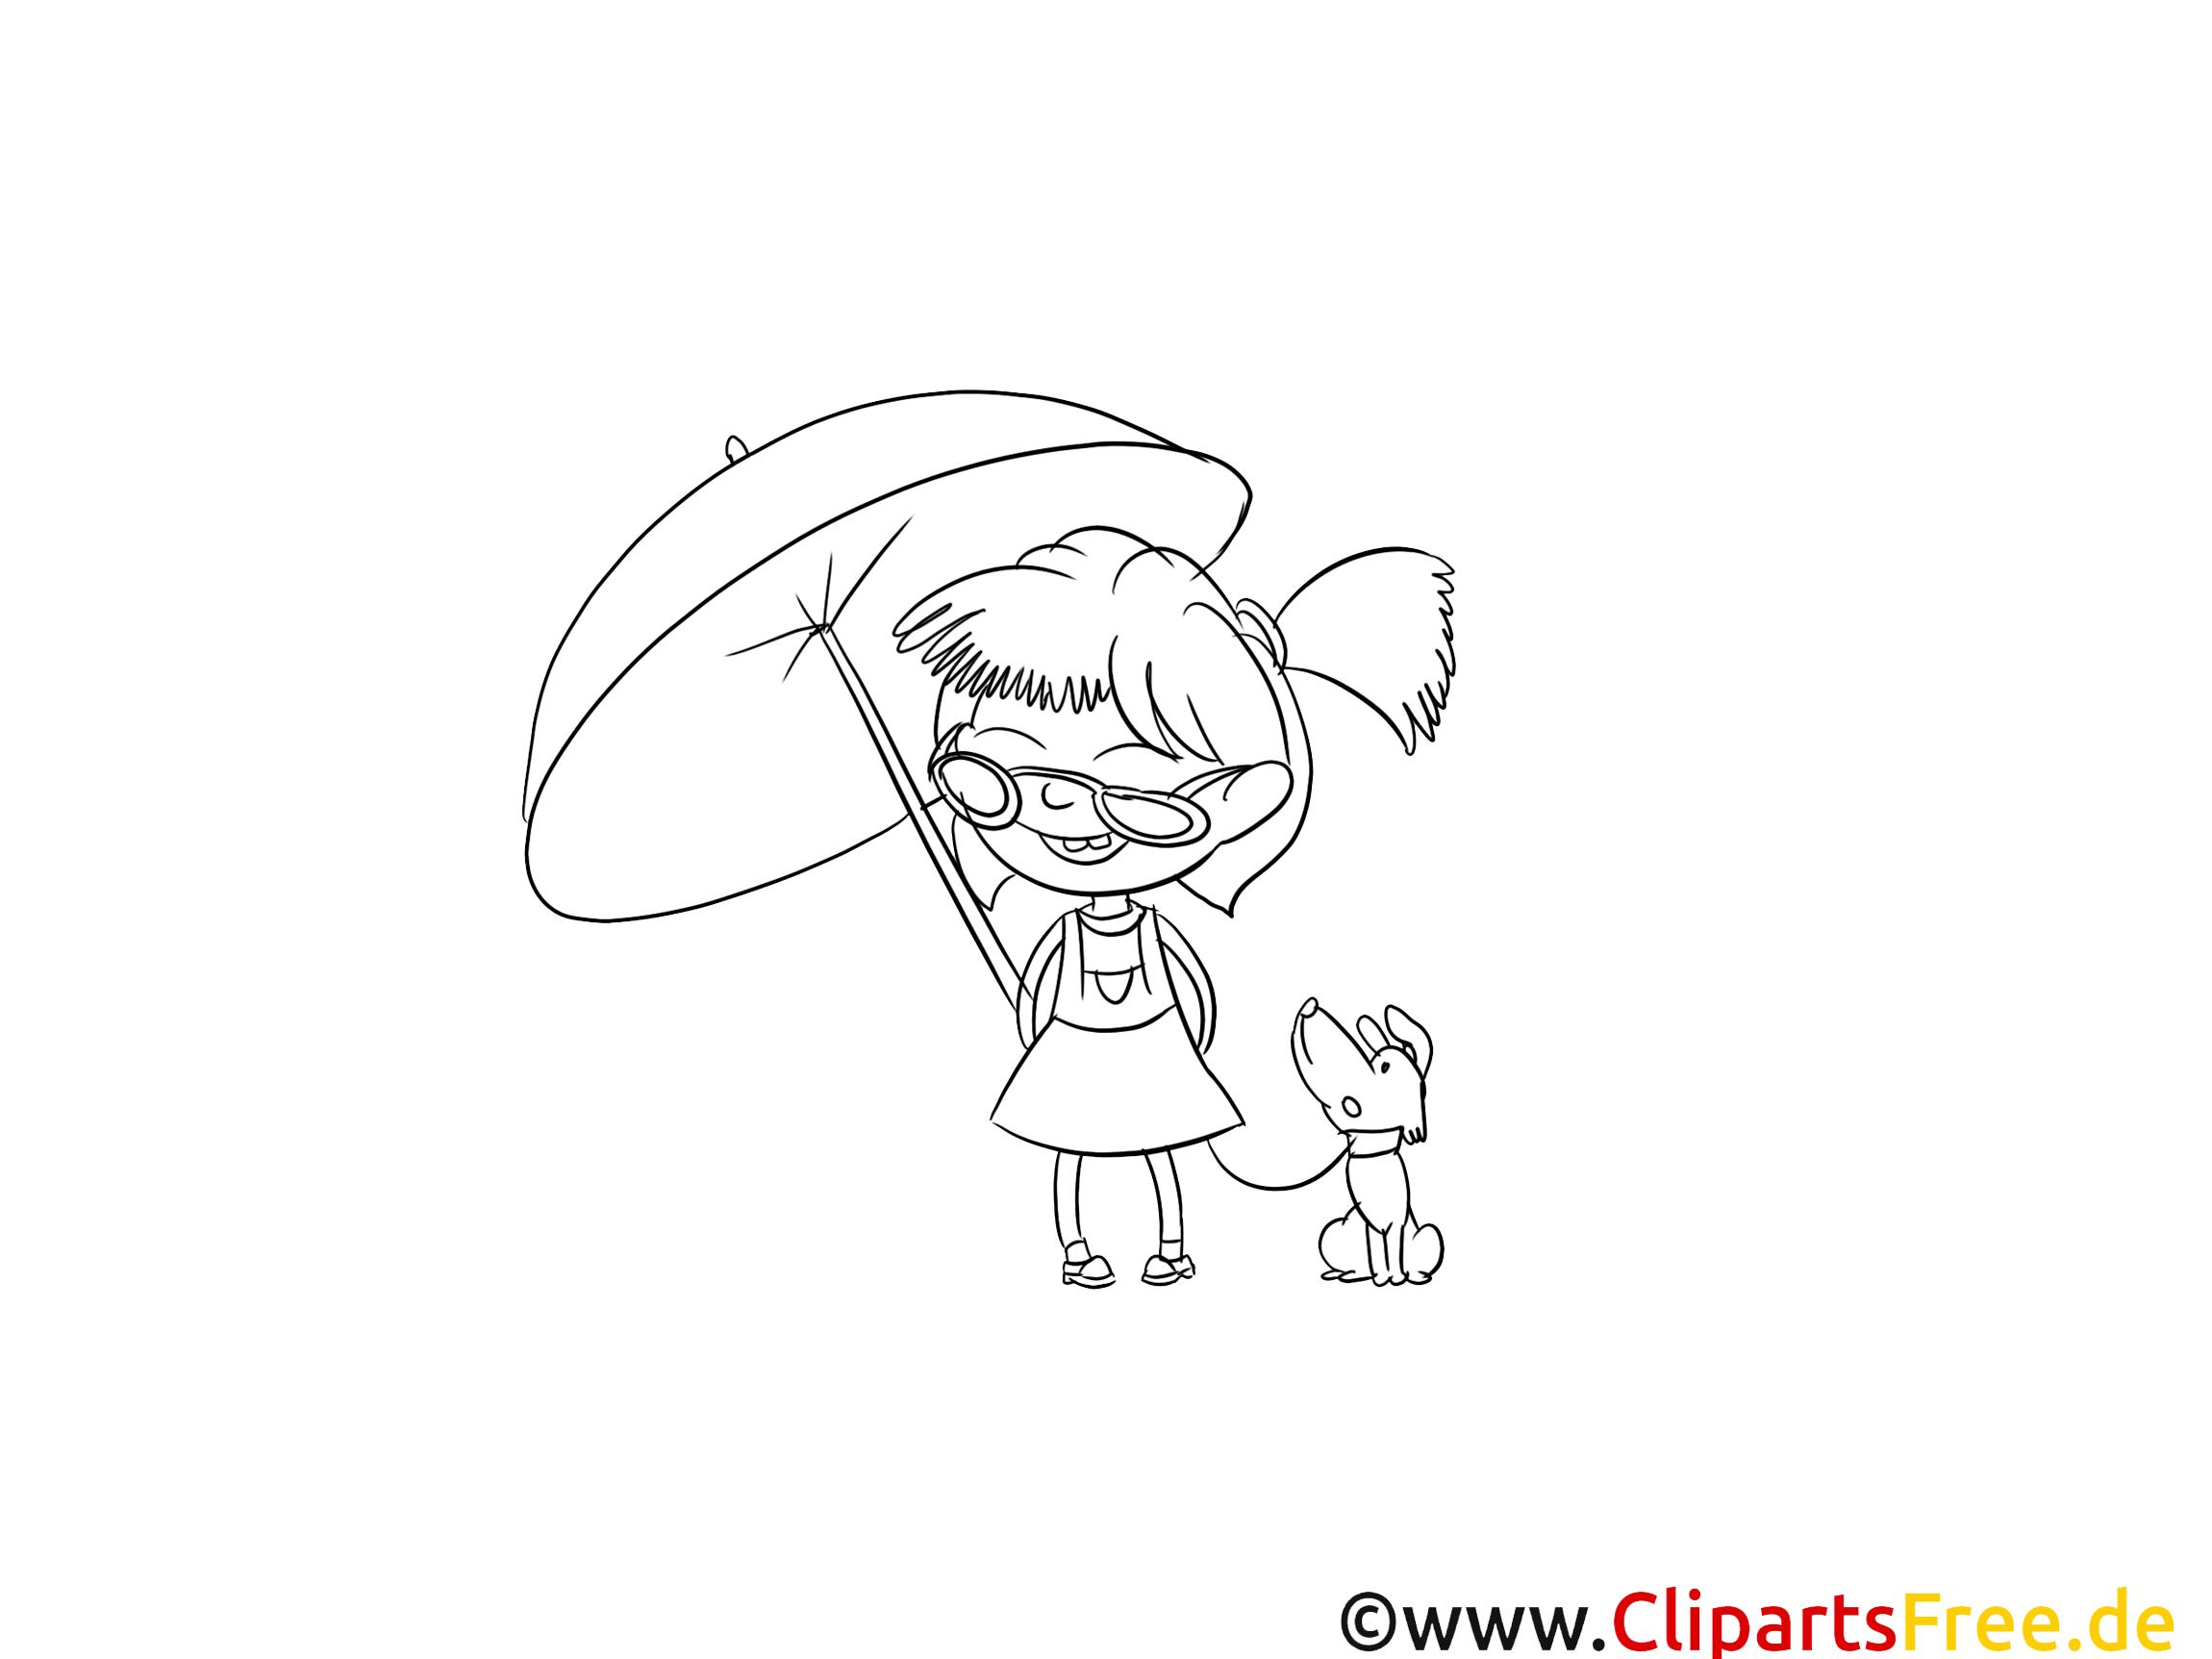 Parapluie chien images gratuites – Fille à colorier